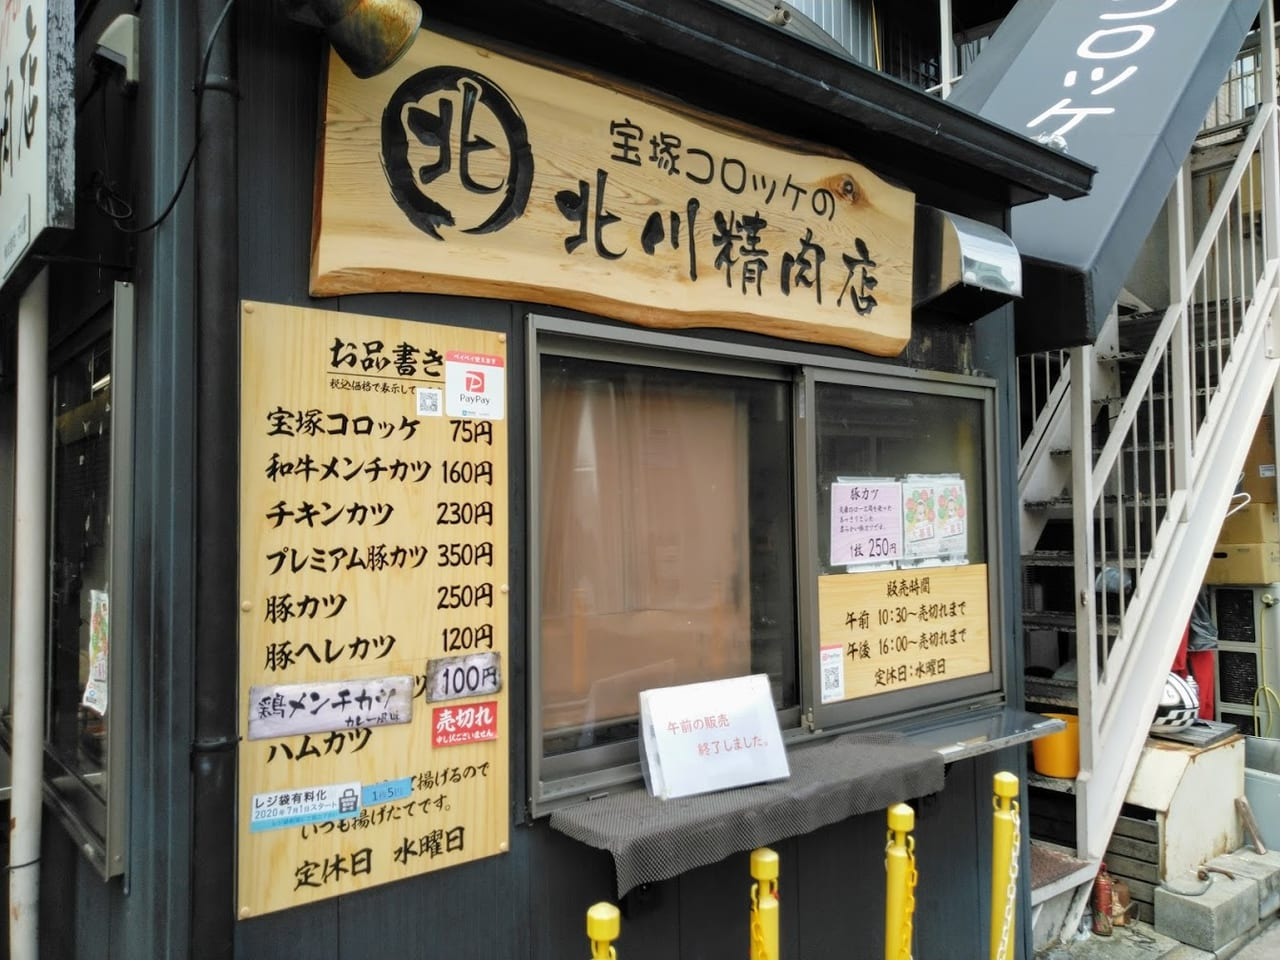 宝塚コロッケは売り切れ次第終了